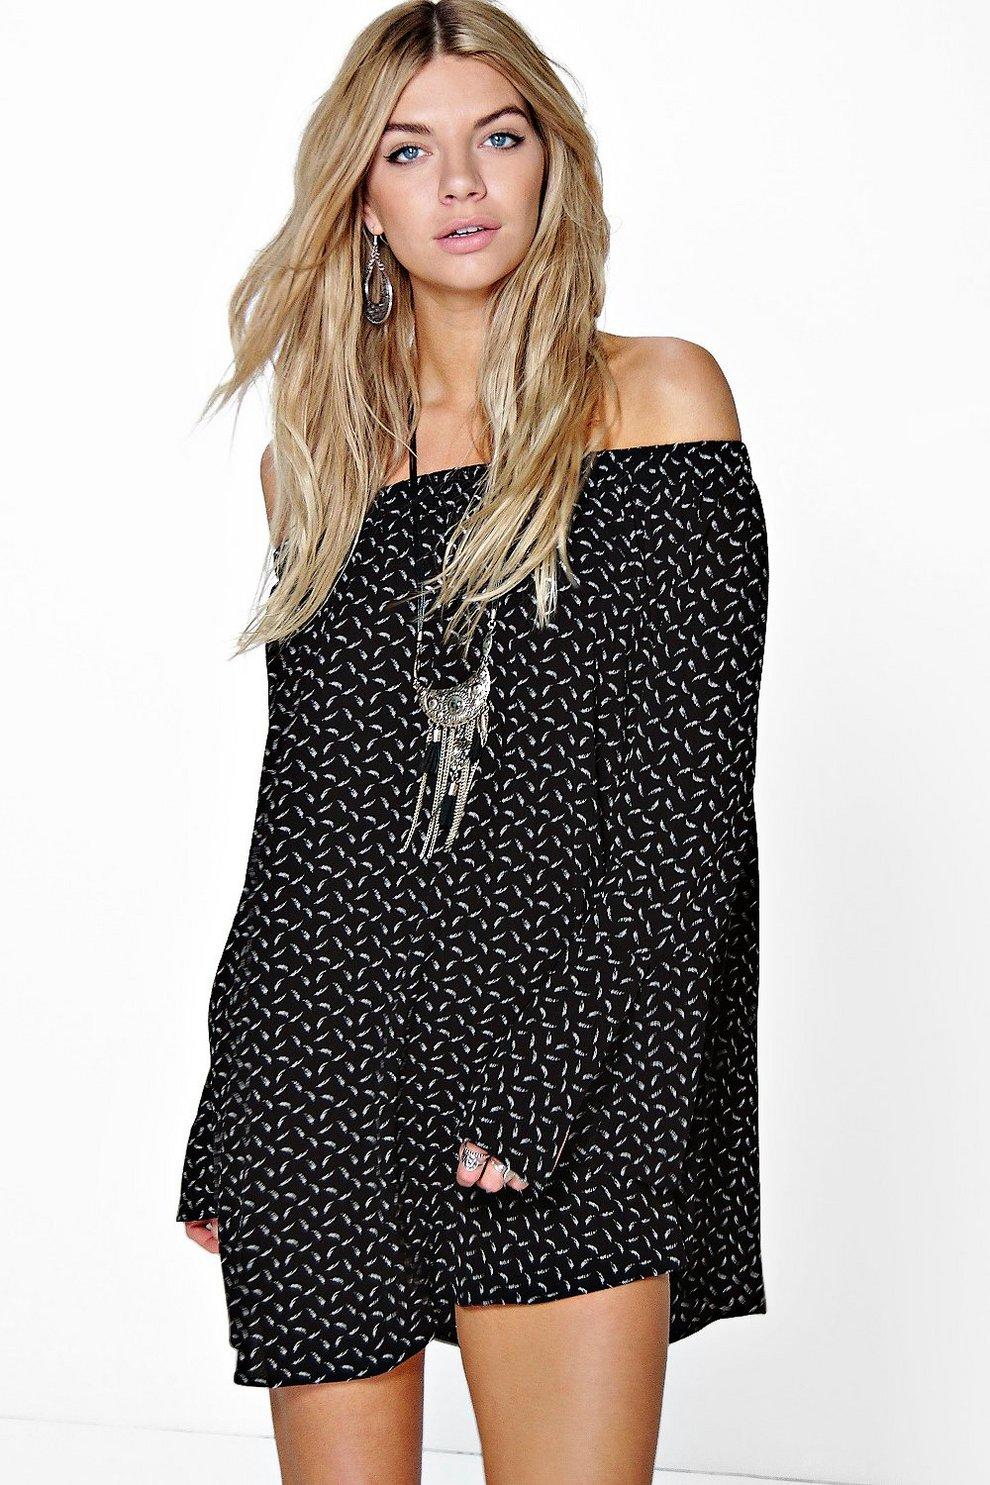 Catalina Schulterfreies Kleid mit Feder-Print | Boohoo